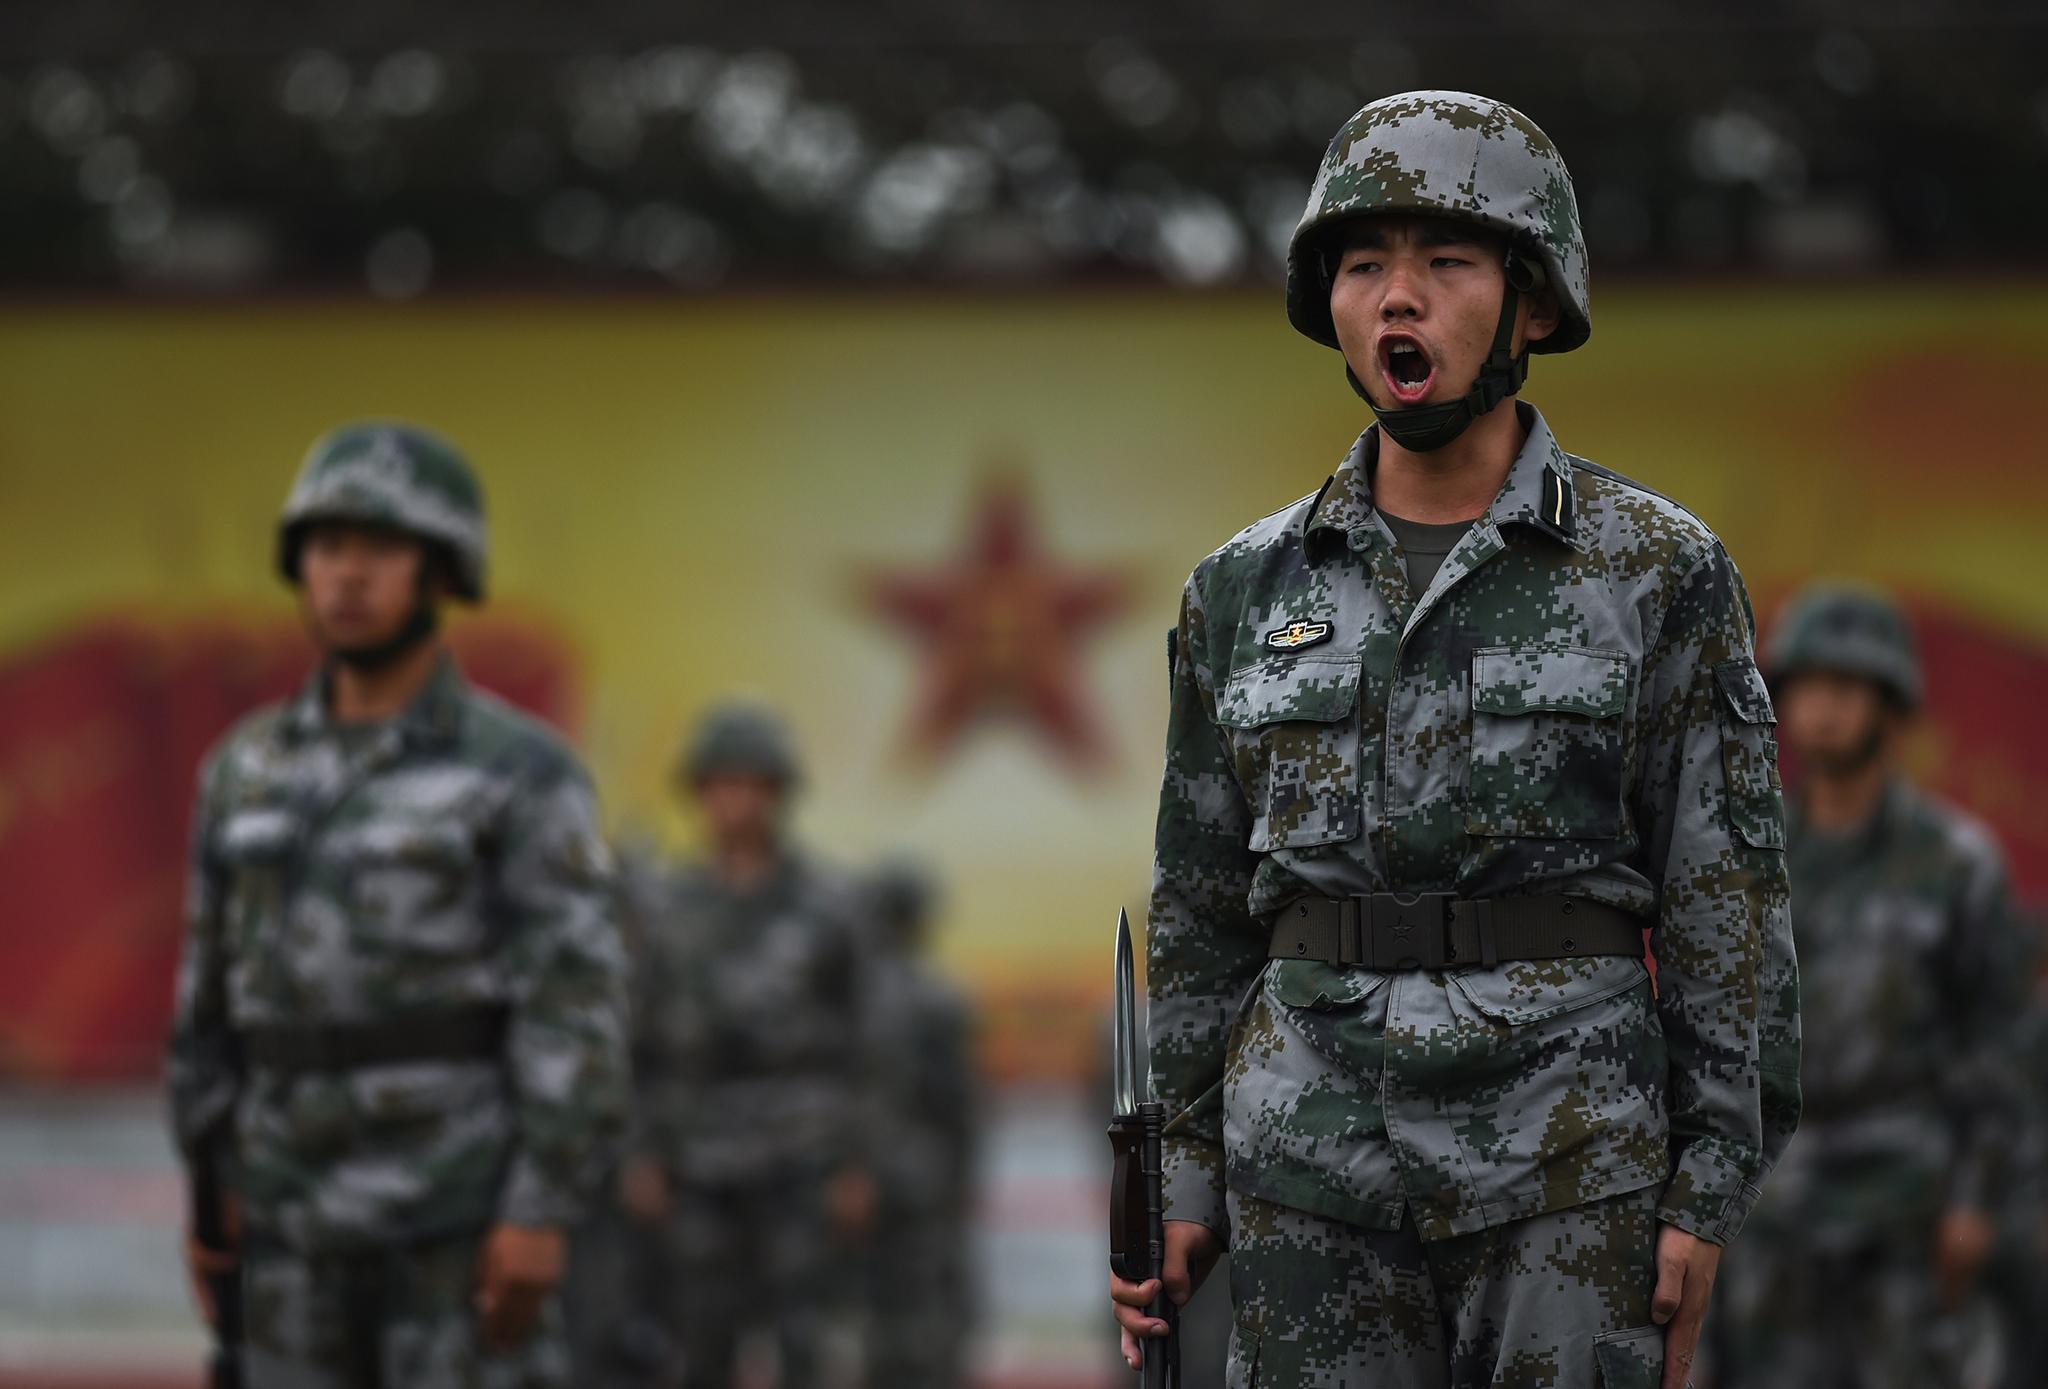 Exército | Governo Central pondera abrir serviço militar a residentes de Macau